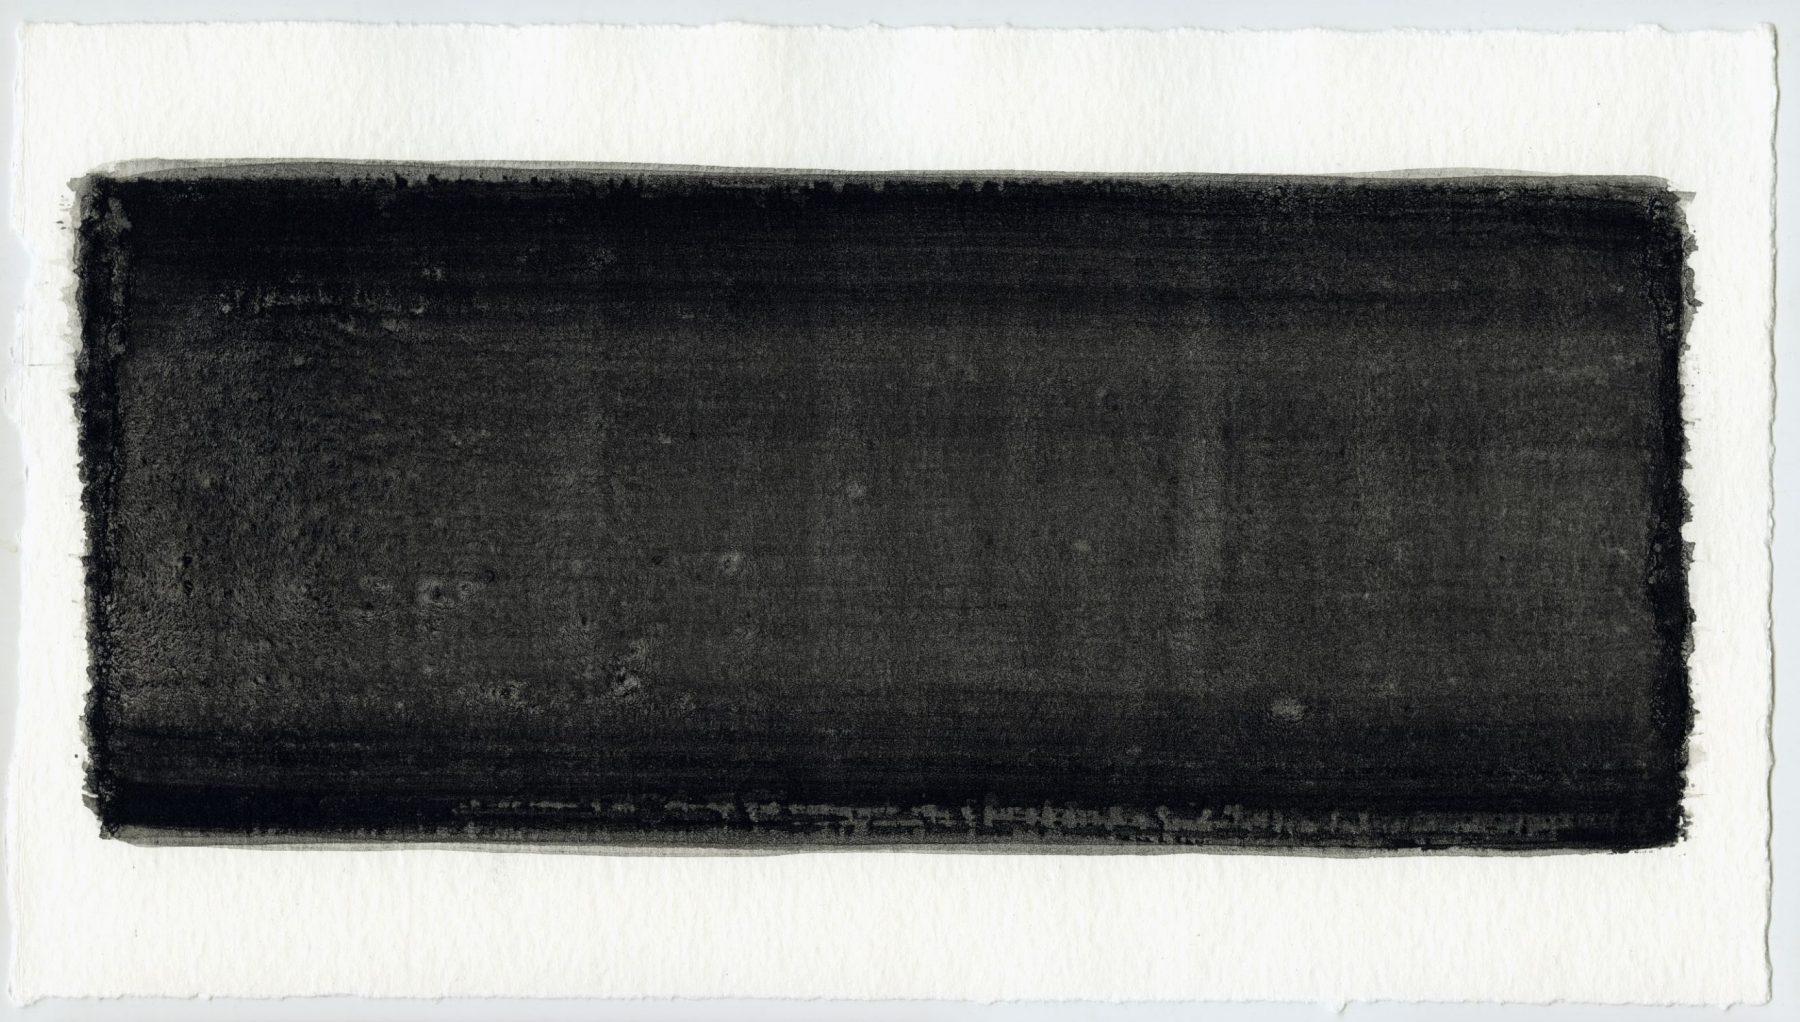 No. 2 SLINGERPAD ZWART - charcoal [burnt no. 1] - 04 September 2018 51° 41.445'N   5° 36.706'E